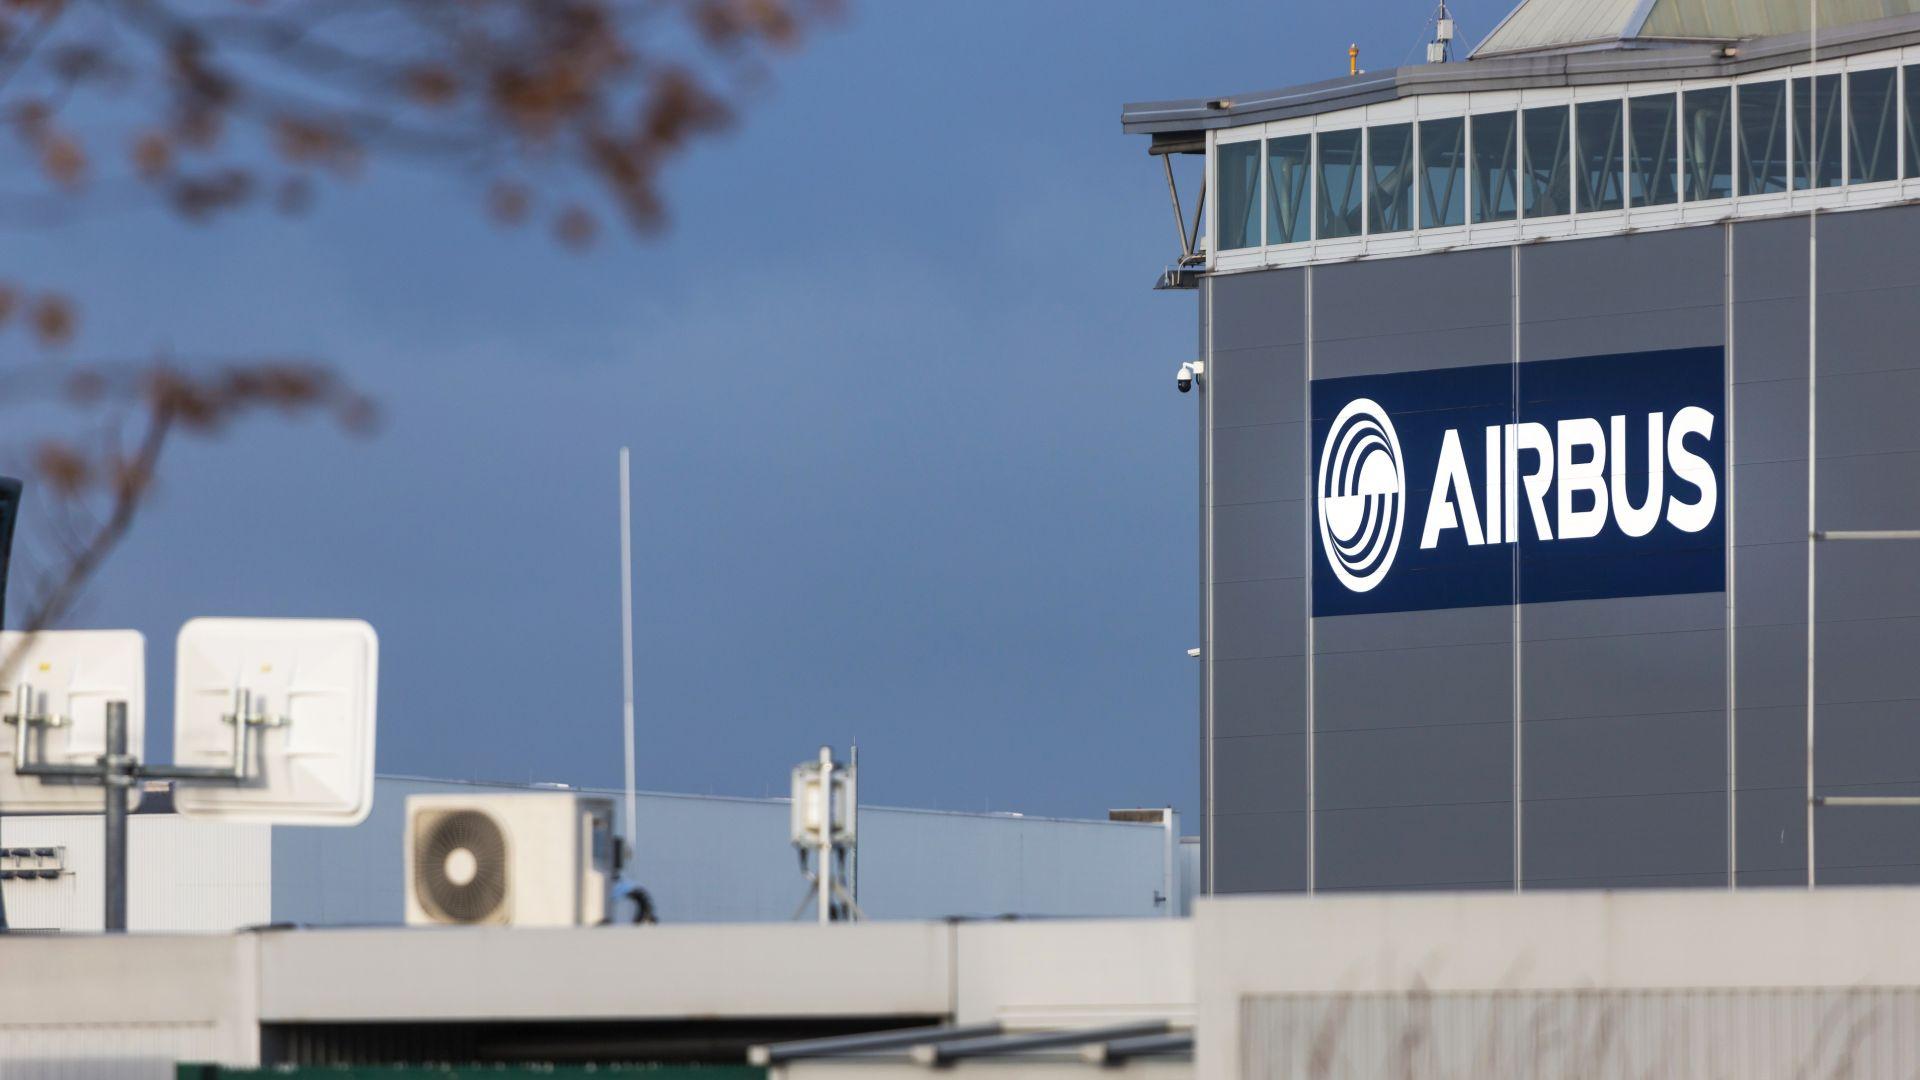 САЩ запазиха митото от 15% за самолетите на Еърбъс